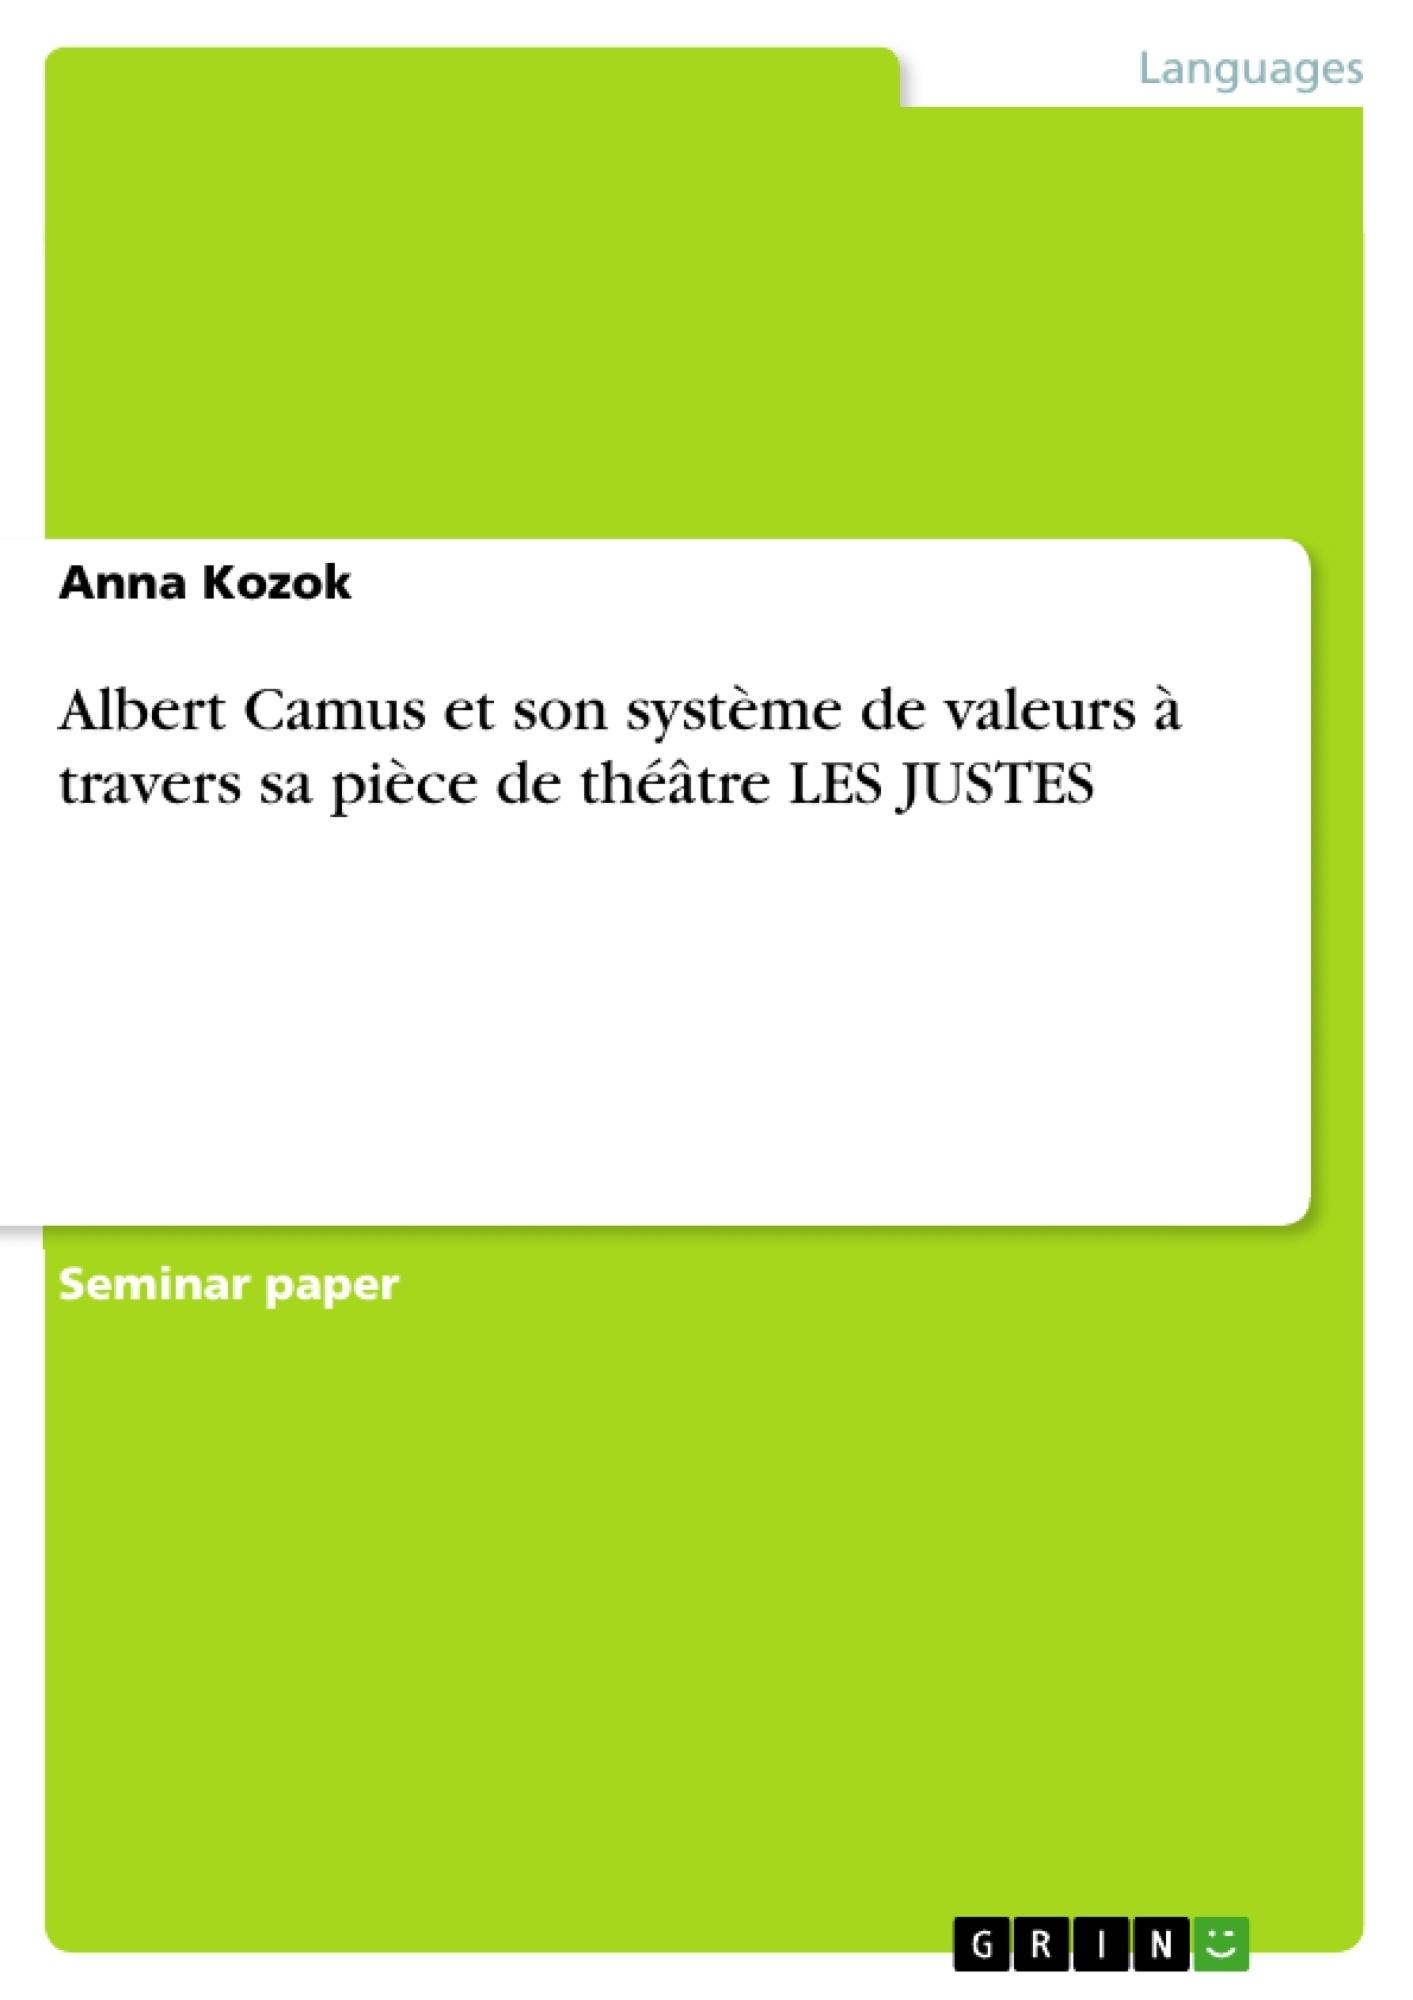 Titre: Albert Camus et son système de valeurs à travers sa pièce de théâtre LES JUSTES